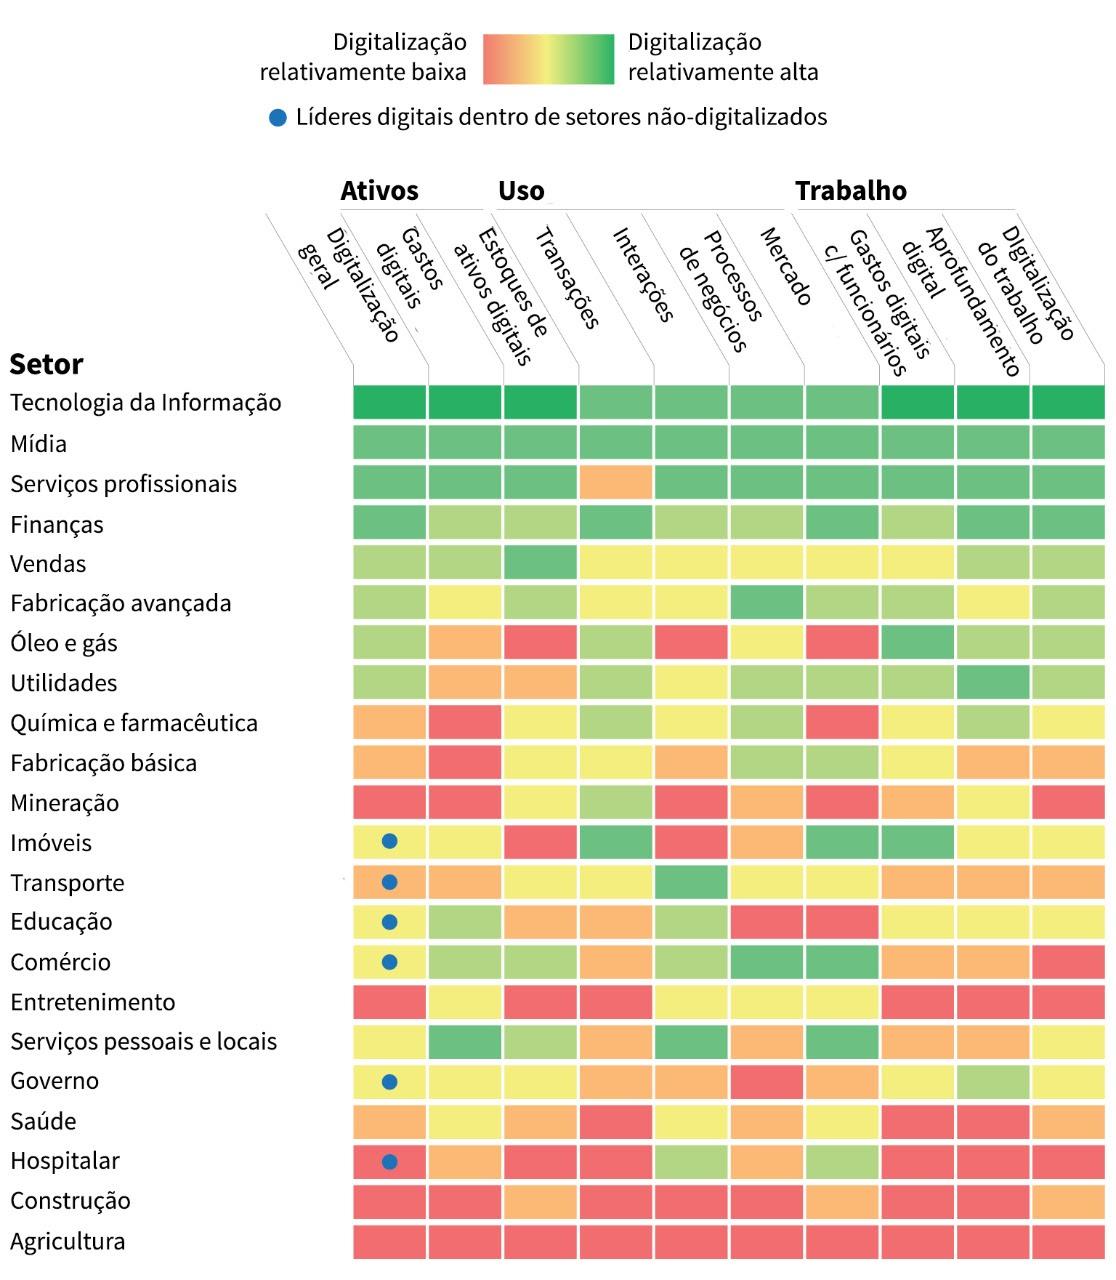 Tabela comparativa dos estágios de digitalização de diversos setores da economia